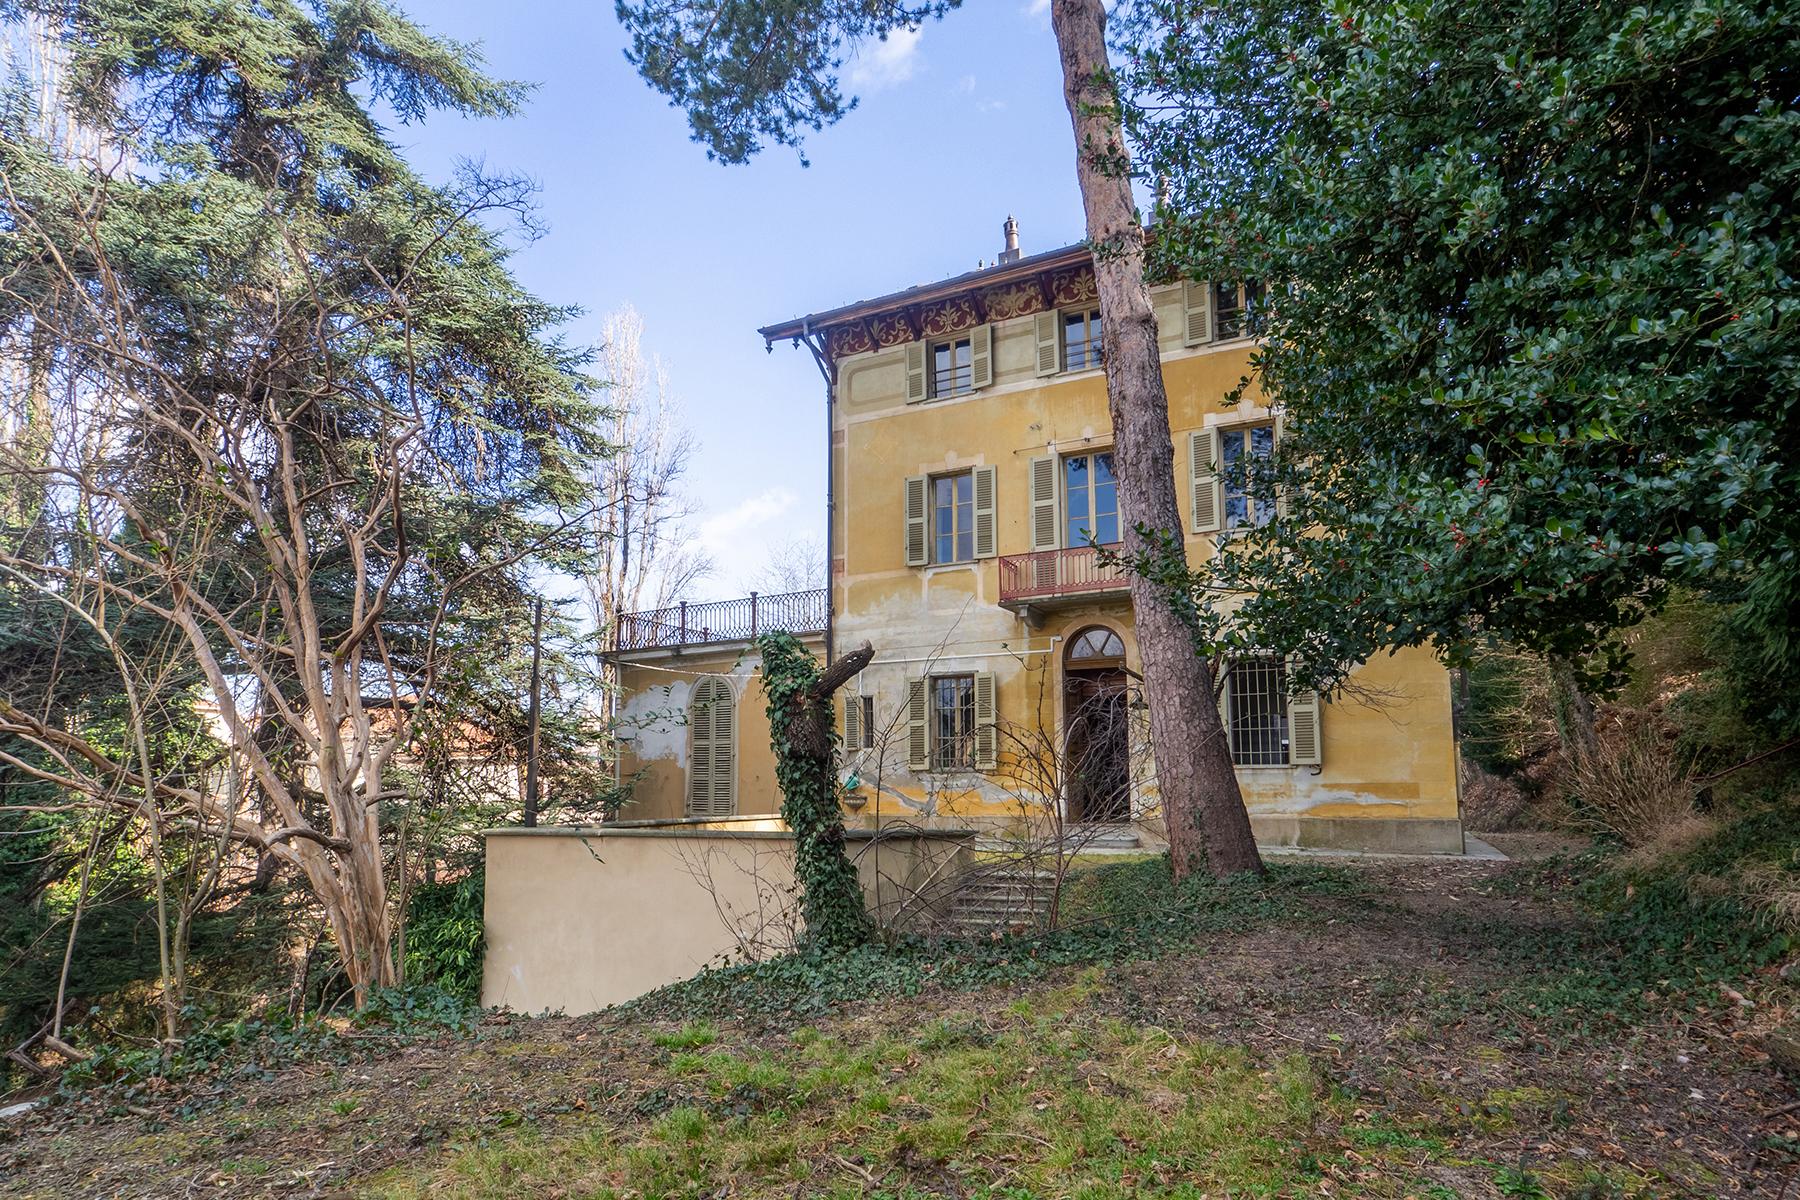 Villa in Vendita a Cavour: 5 locali, 600 mq - Foto 19